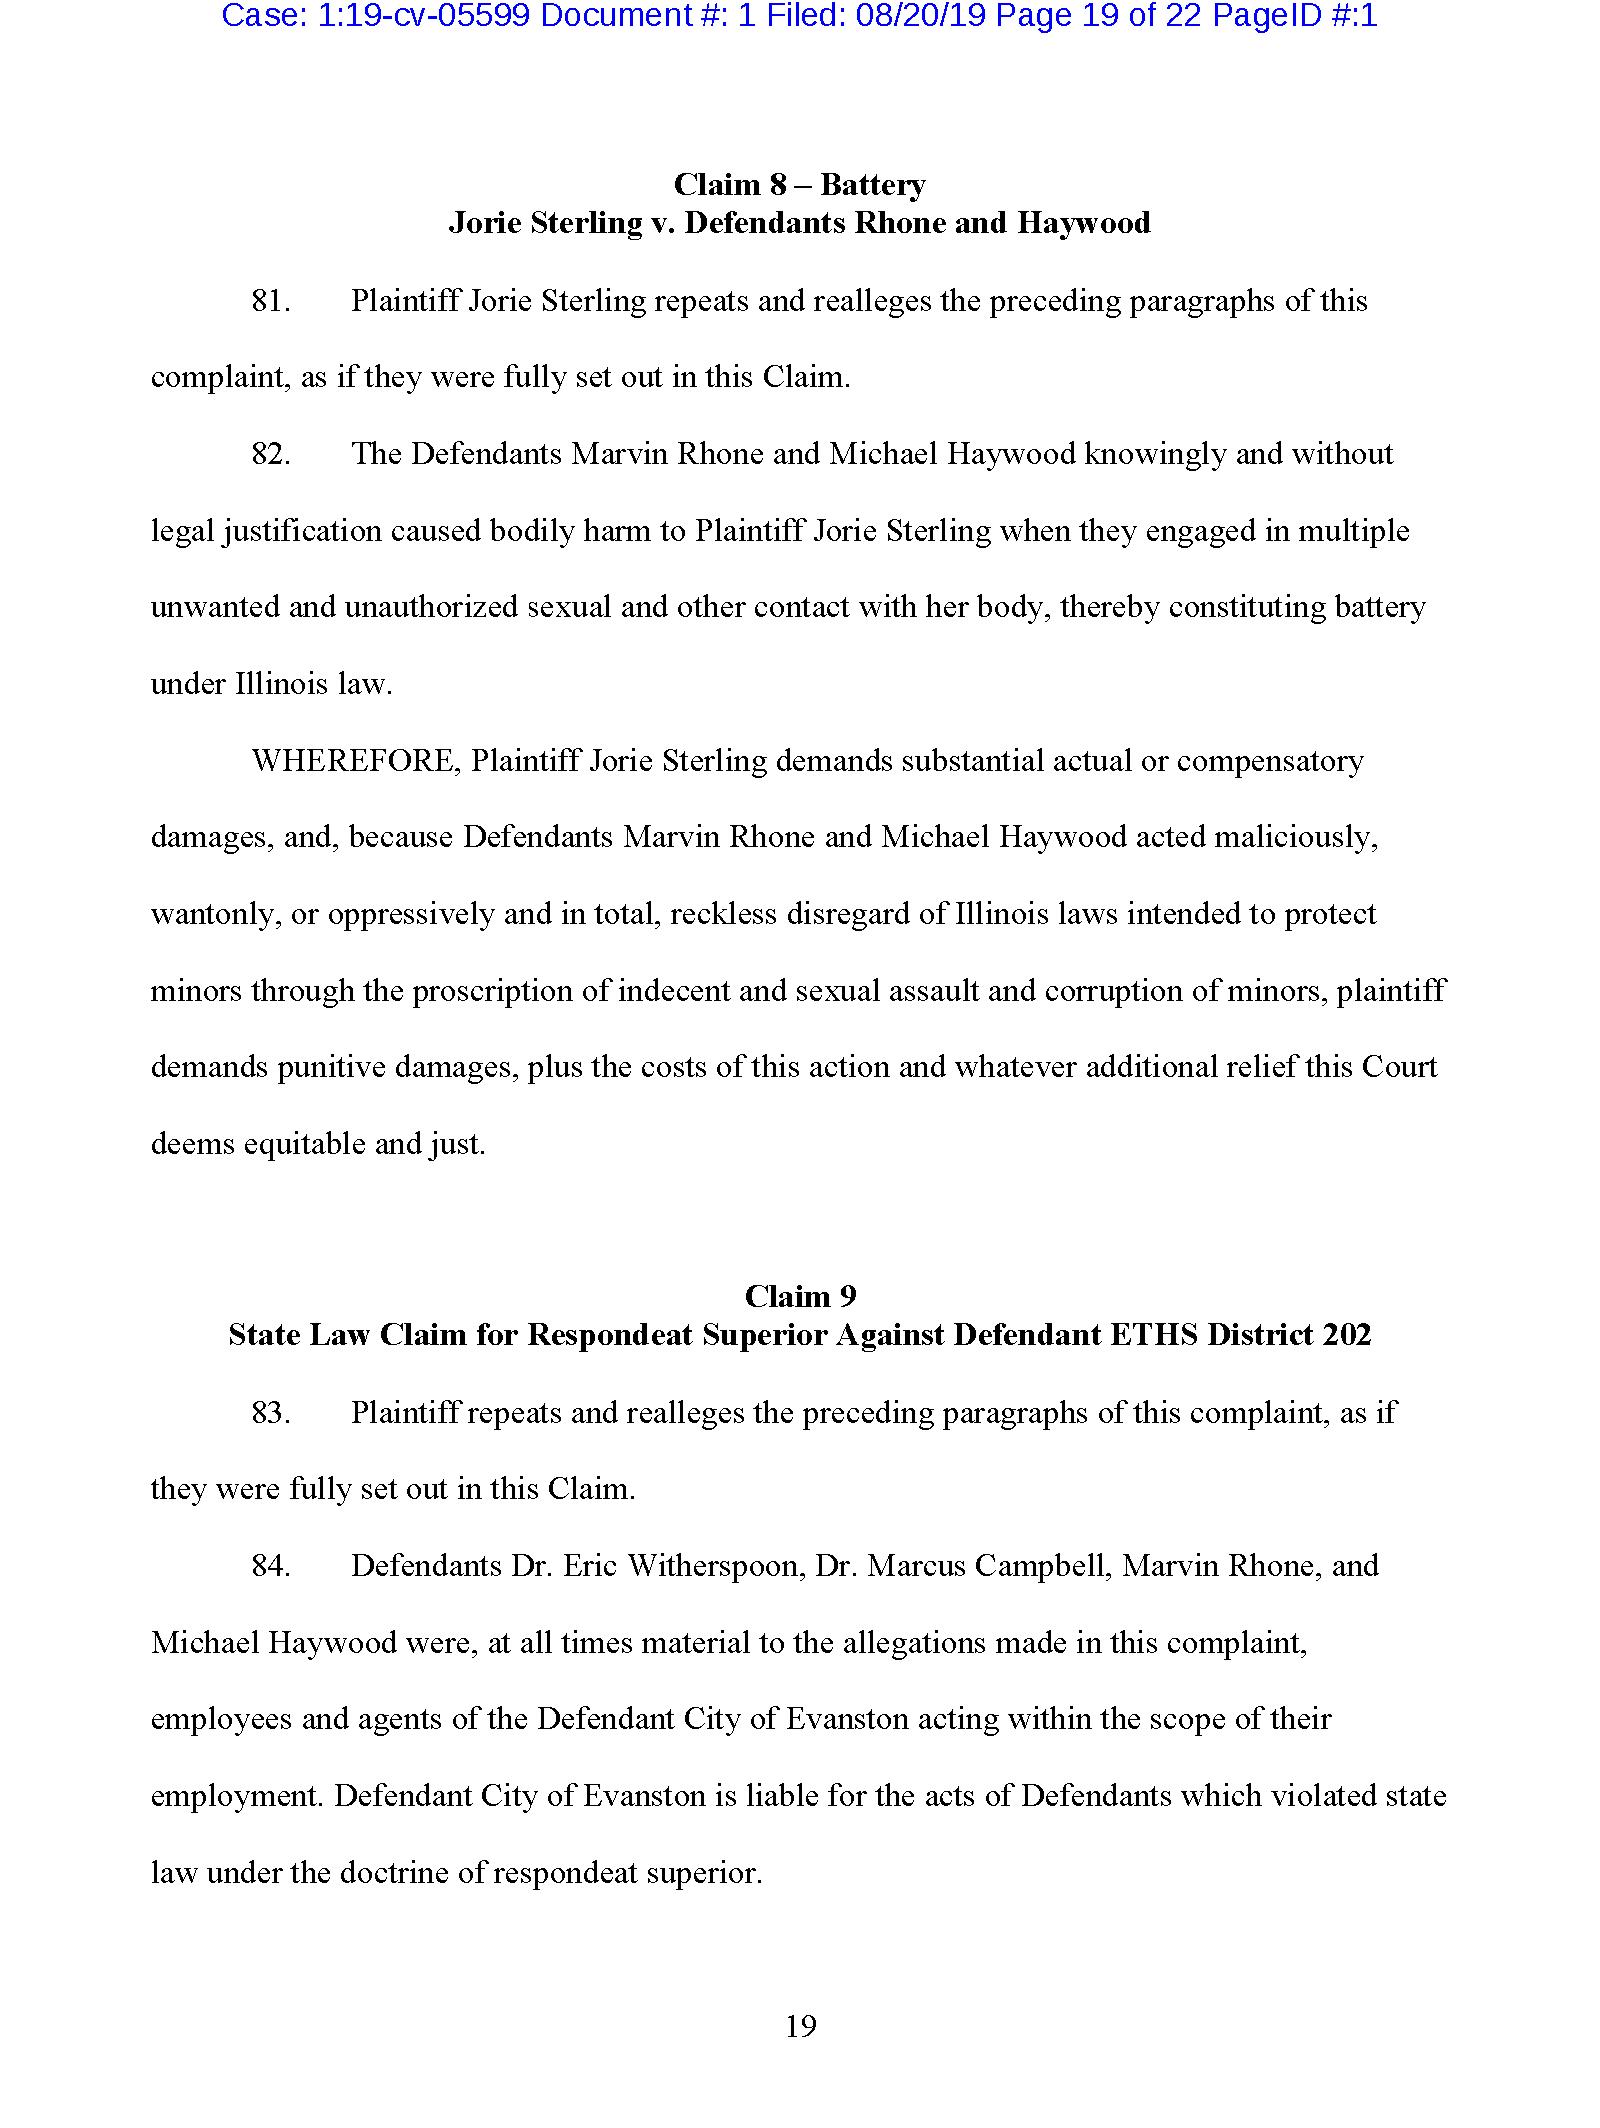 Copy of Complaint0119.png